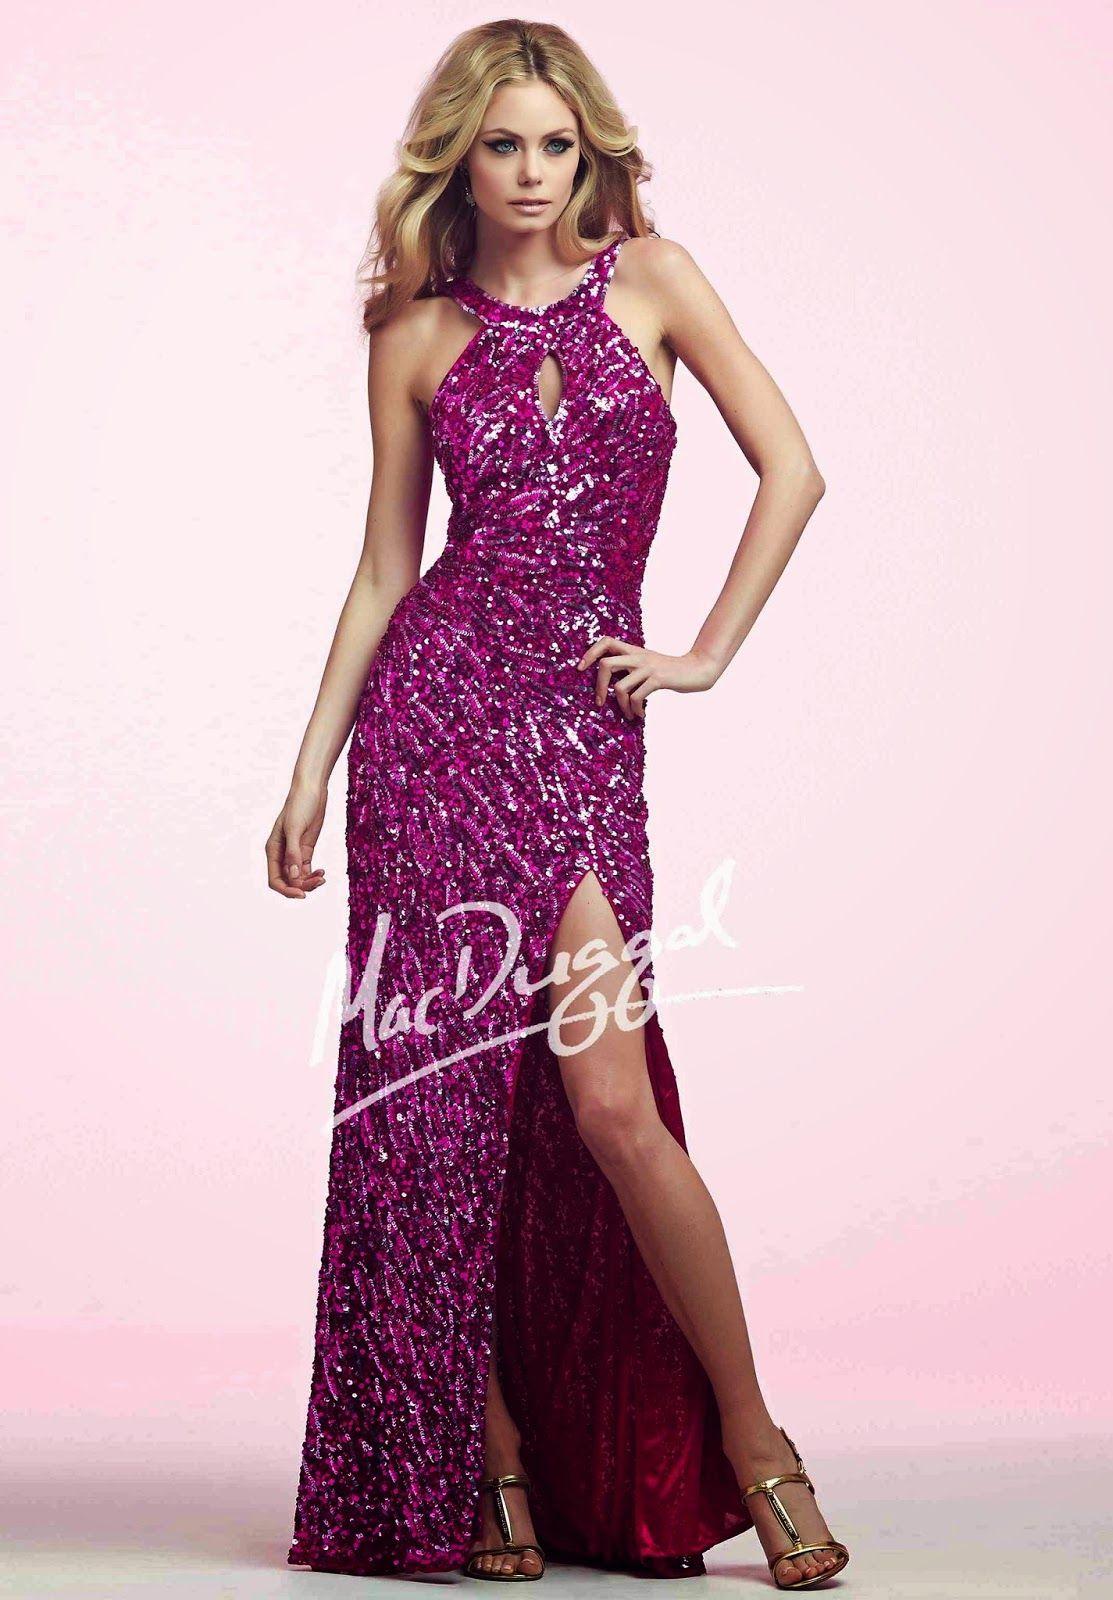 Increíbles vestidos largos de gala | Especial de vestidos elegantes ...